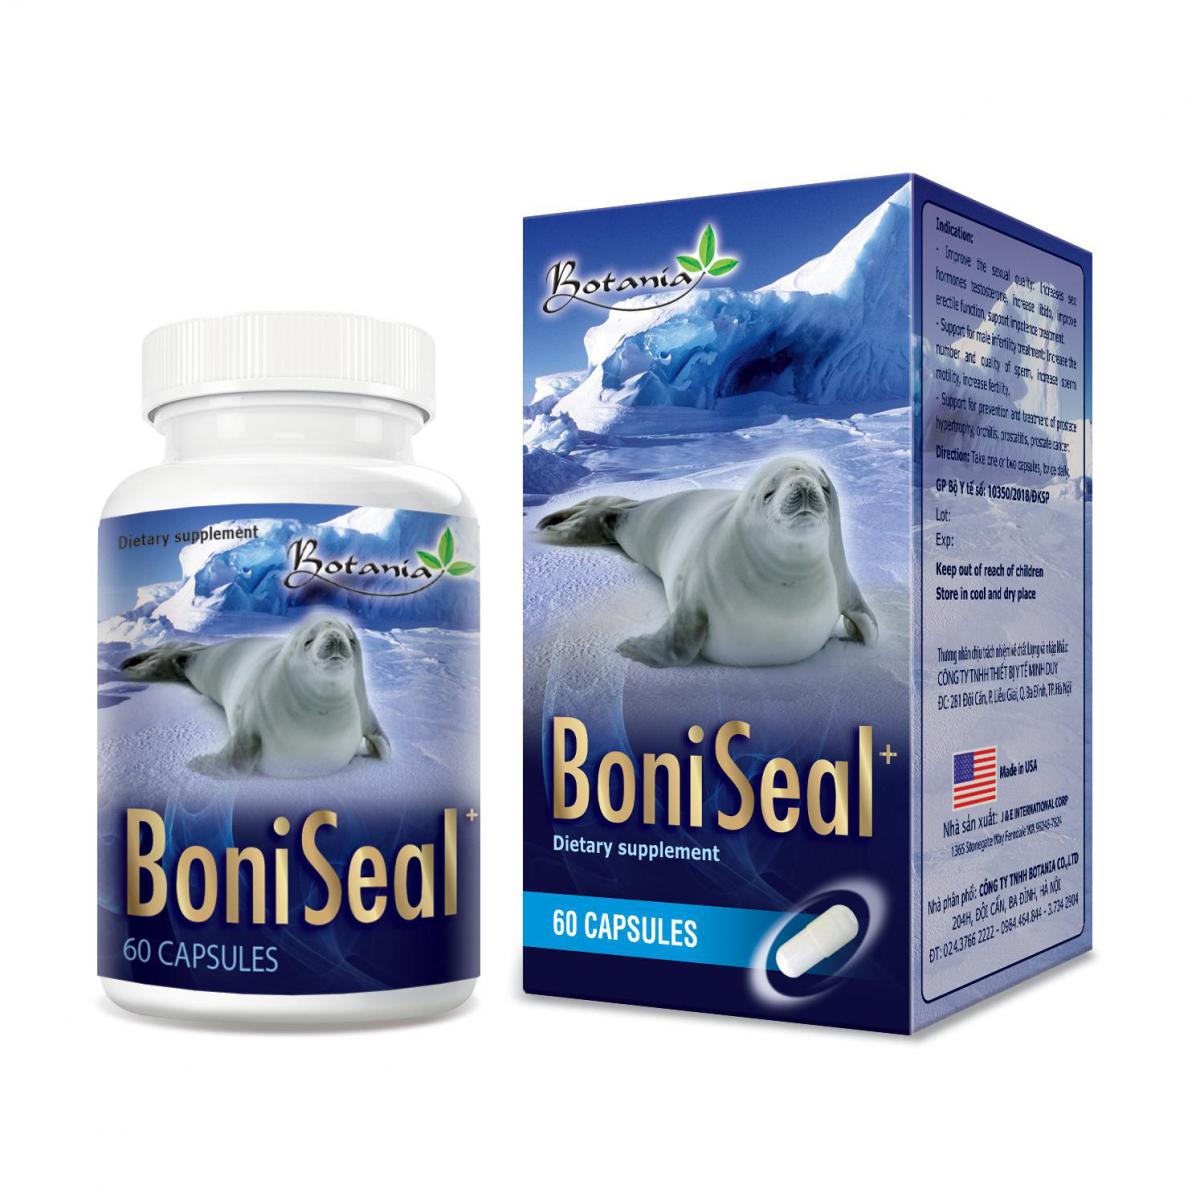 BoniSeal  hỗ trợ nam giới sinh lý yếu, di tinh, liệt dương, giảm ham muốn tình dục.